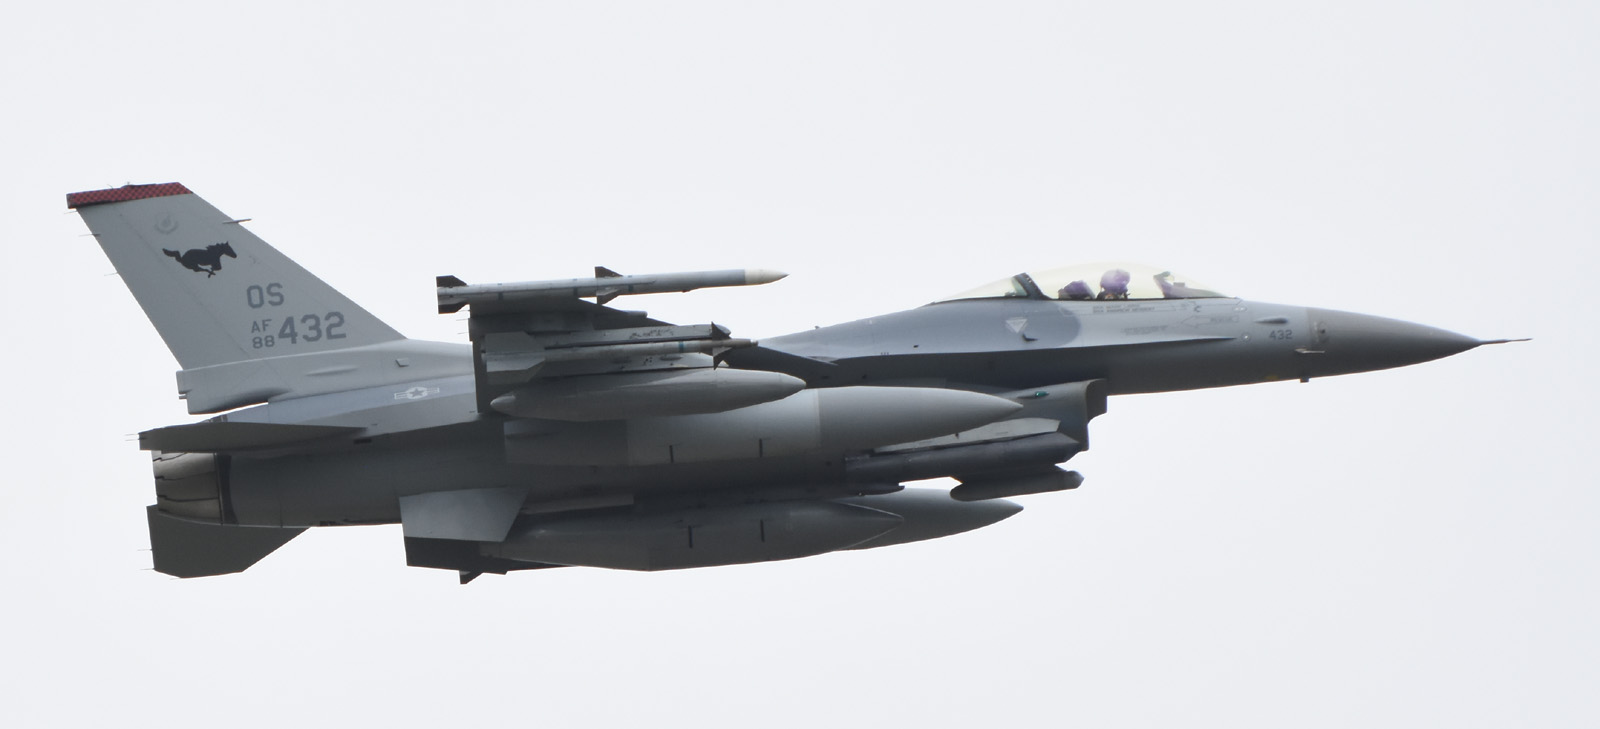 F16cm170606g761